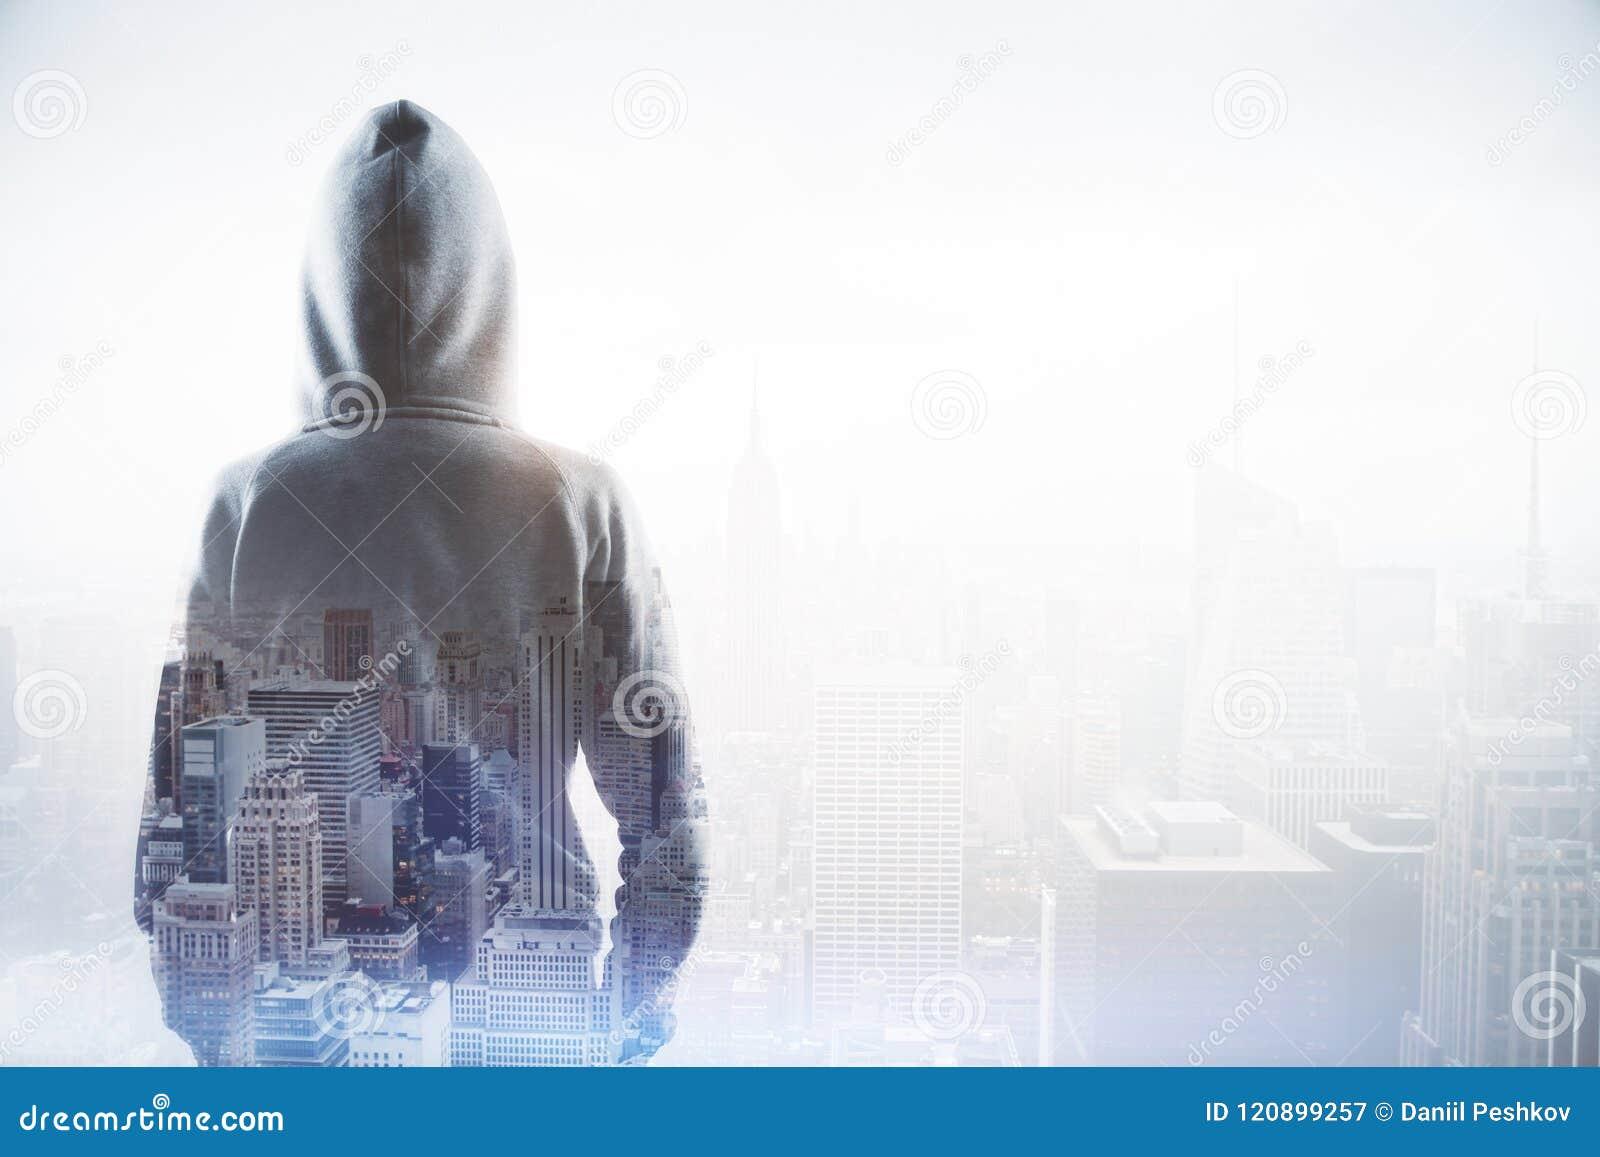 Концепция кибер атаки